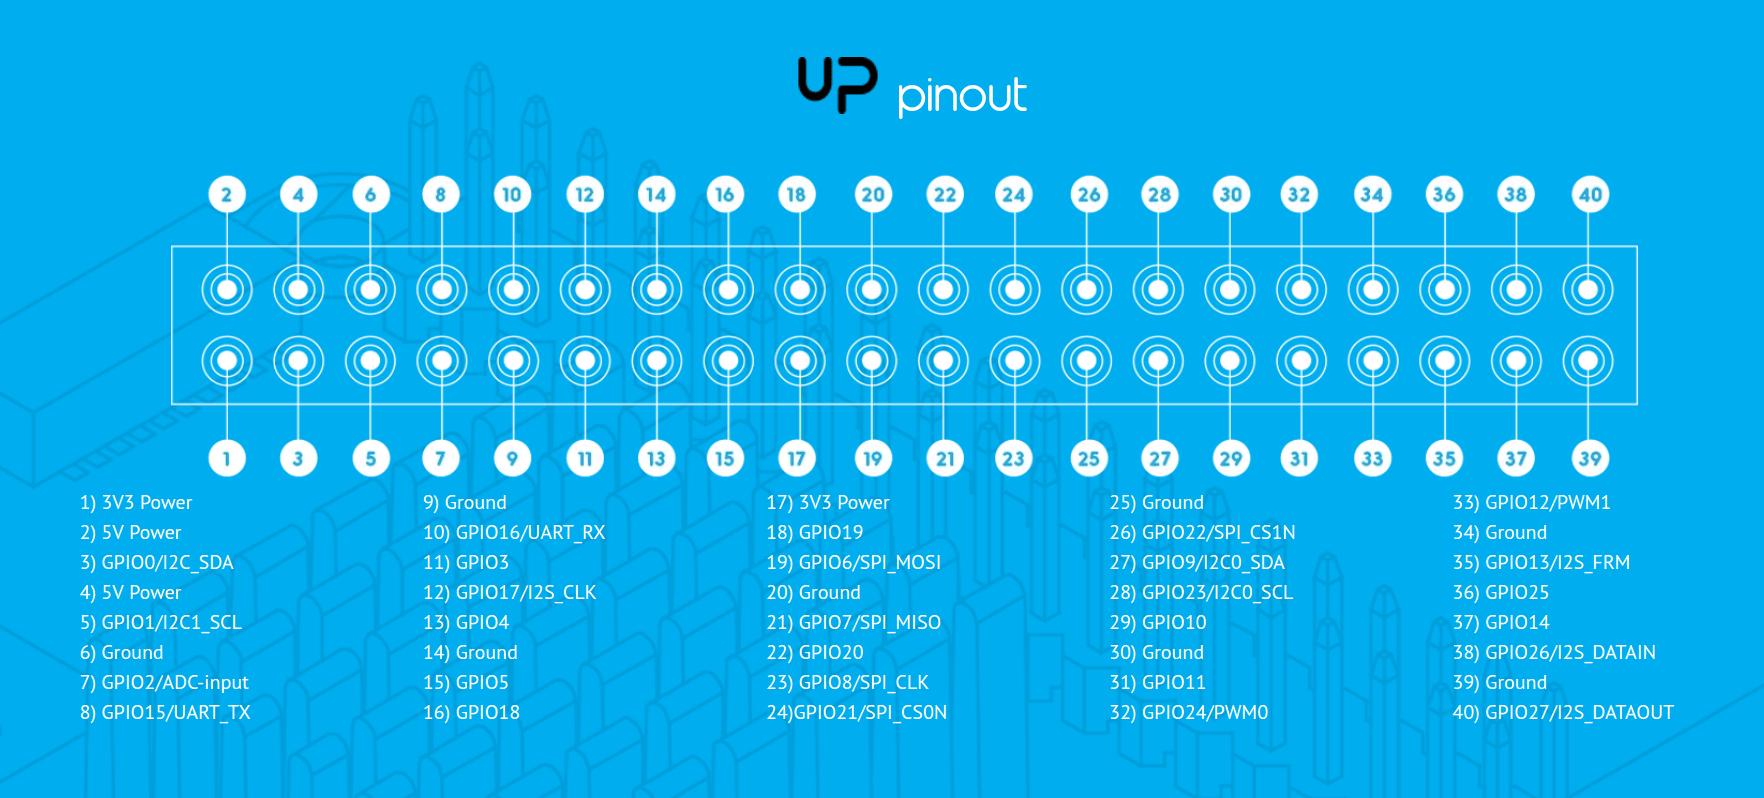 upboard-pinout